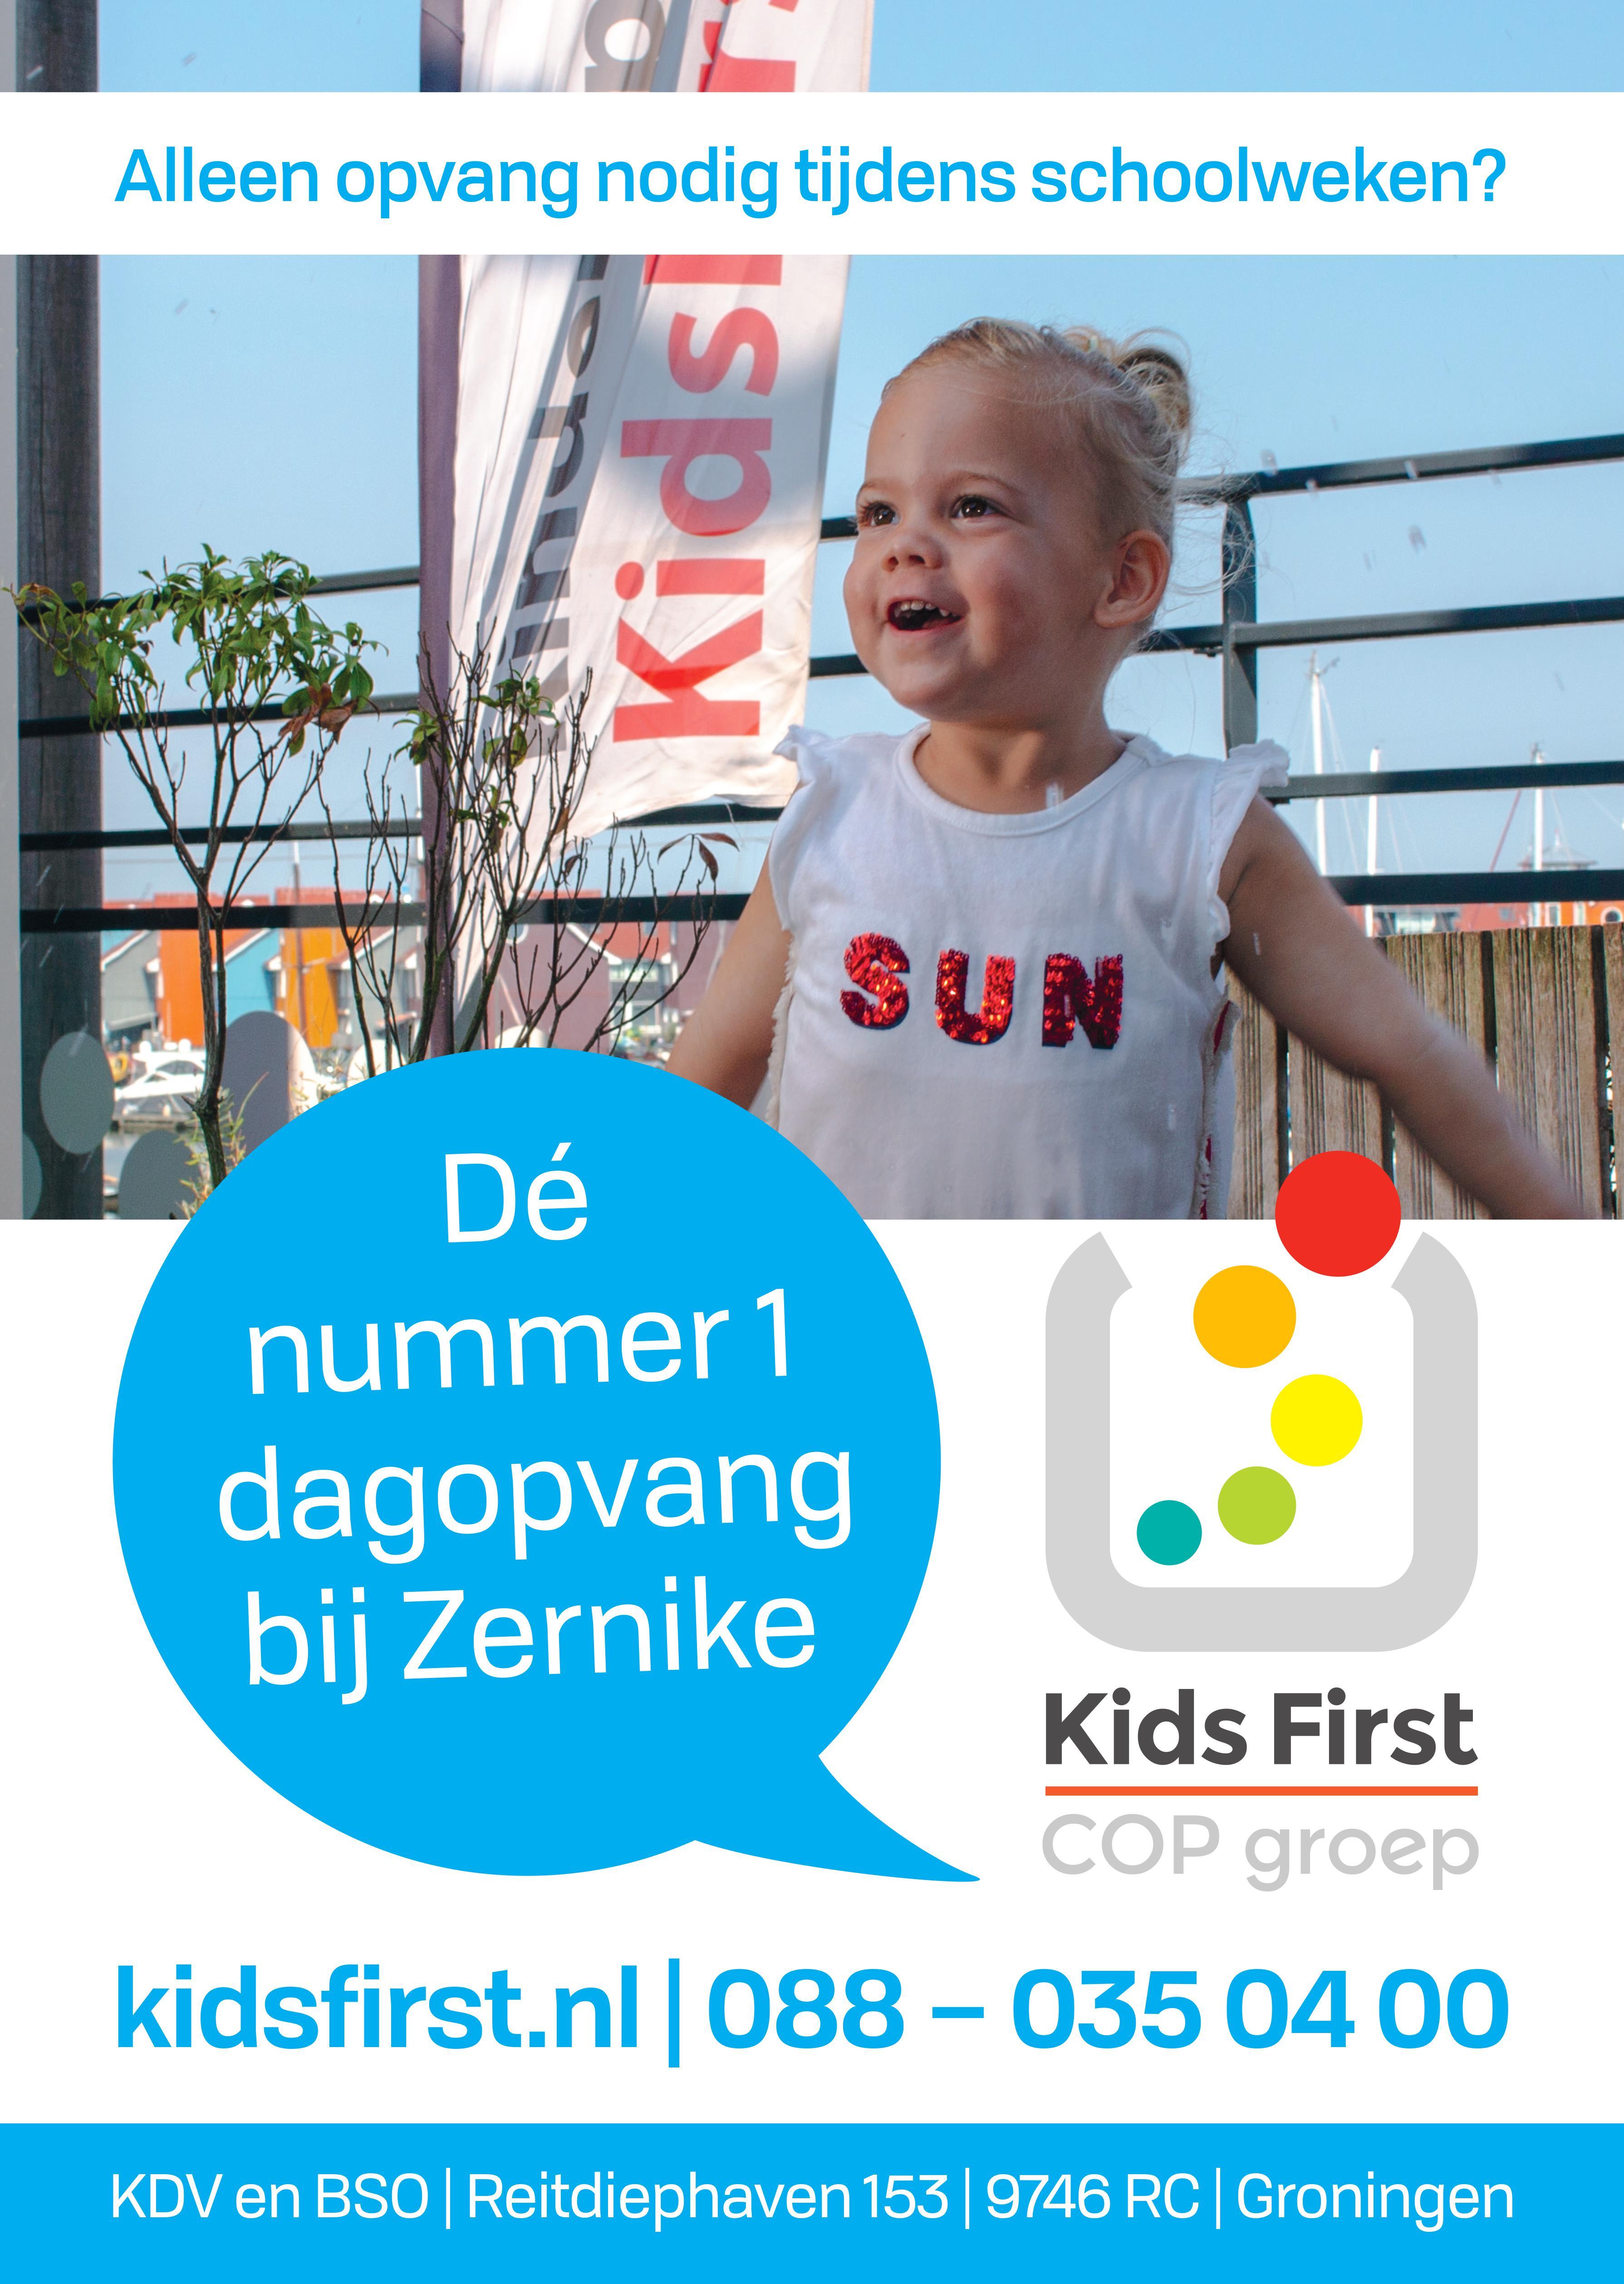 BSO Reitdiephaven Groningen - Kids First COP groep